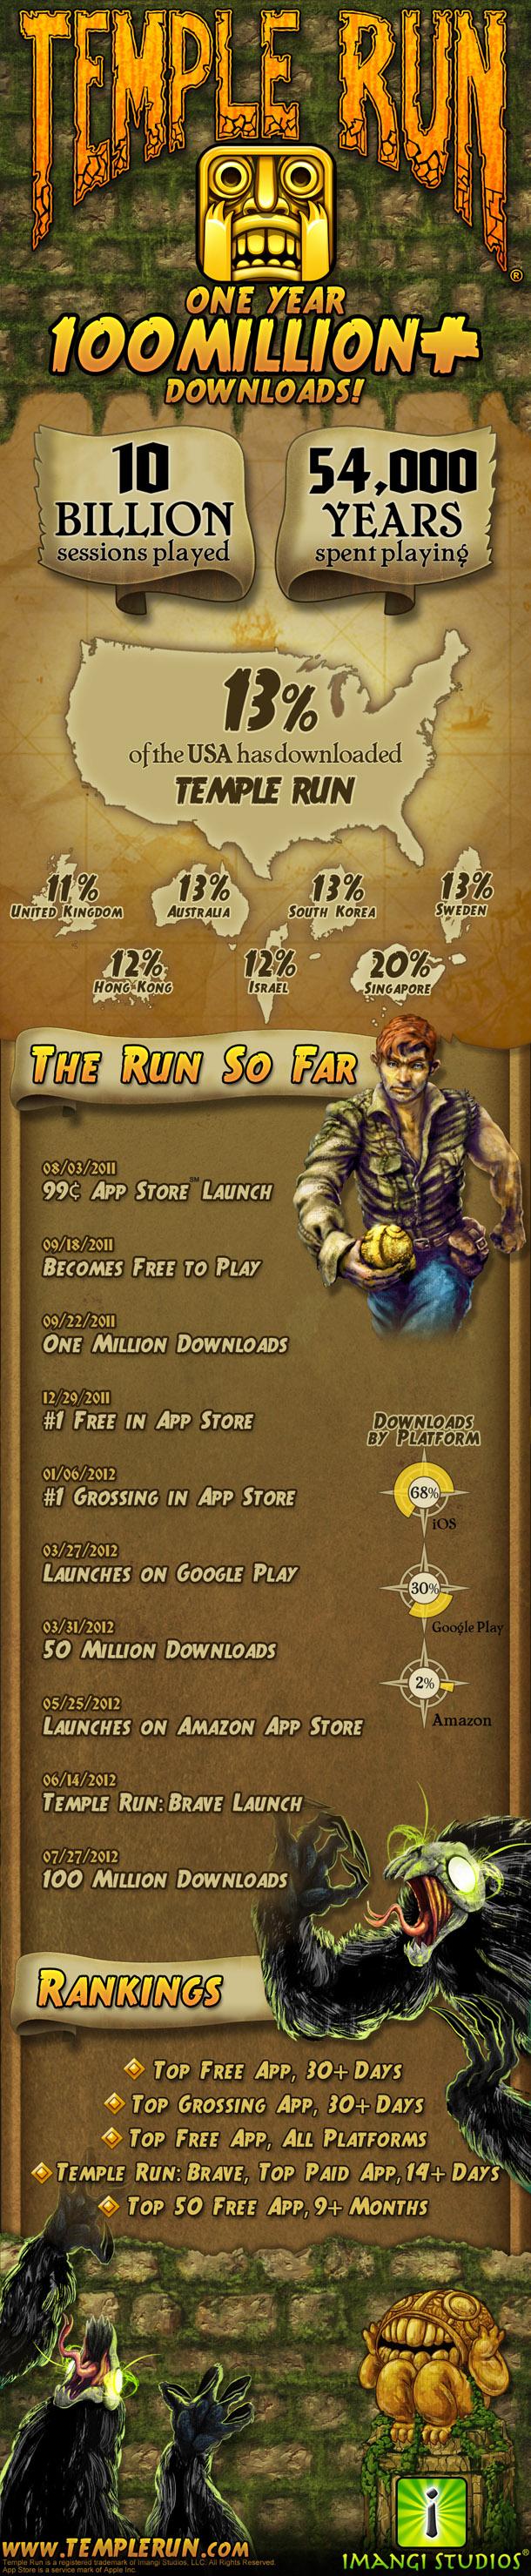 Infografía: Temple Run consigue 100 millones de descargas en un año